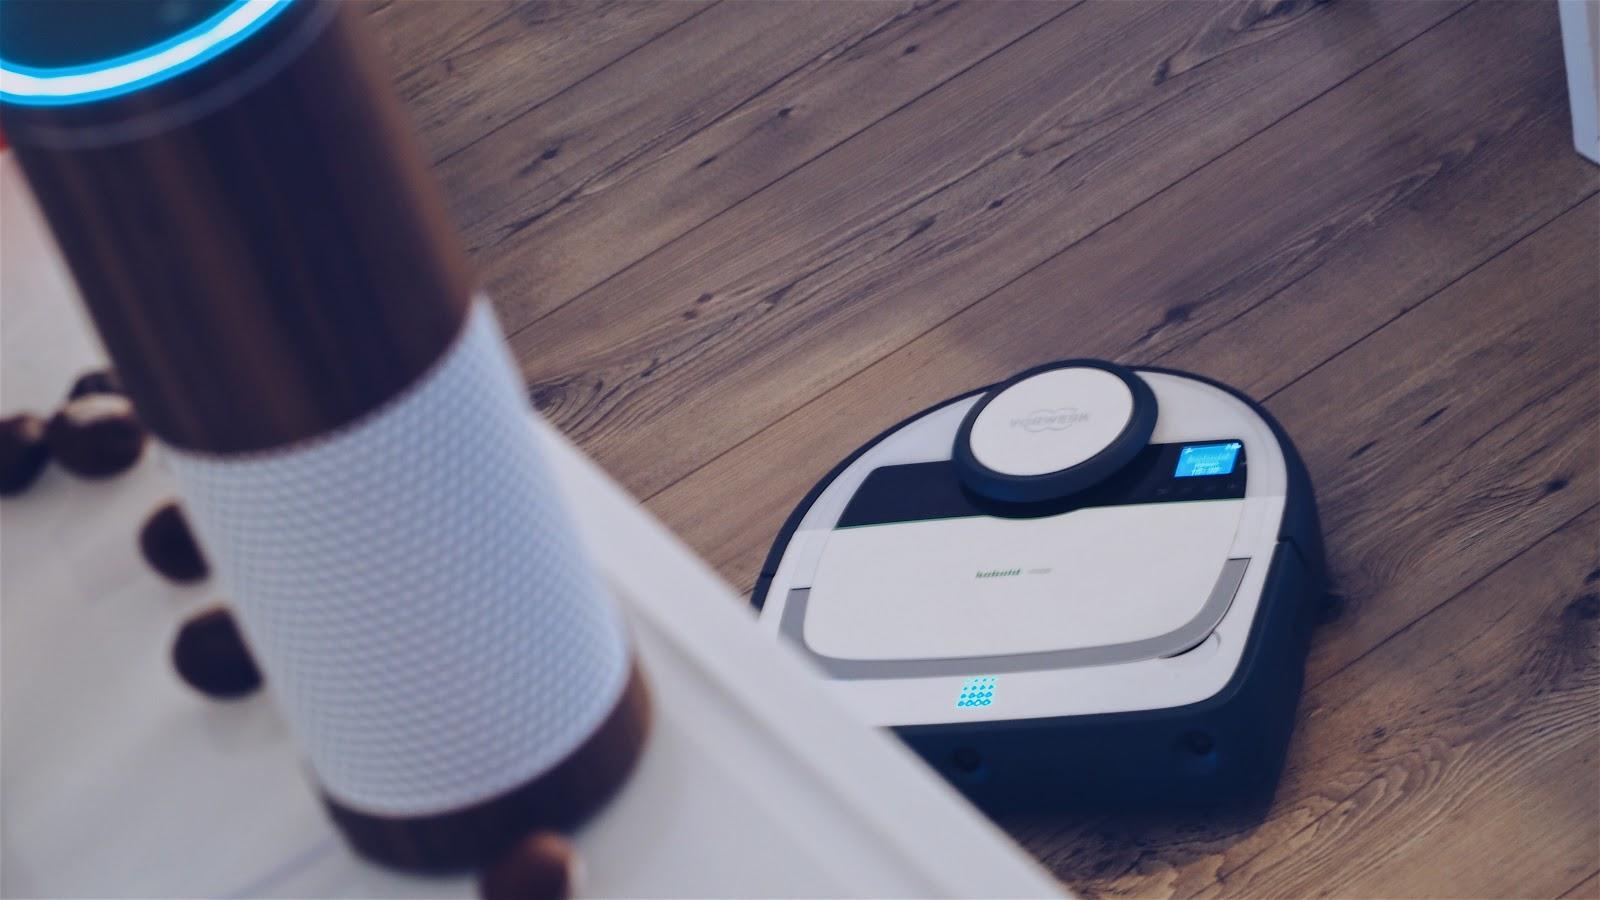 mein kobold staubsaugerroboter vr200 h rt jetzt auf alexa vollautomatisch selbstst ndig und. Black Bedroom Furniture Sets. Home Design Ideas